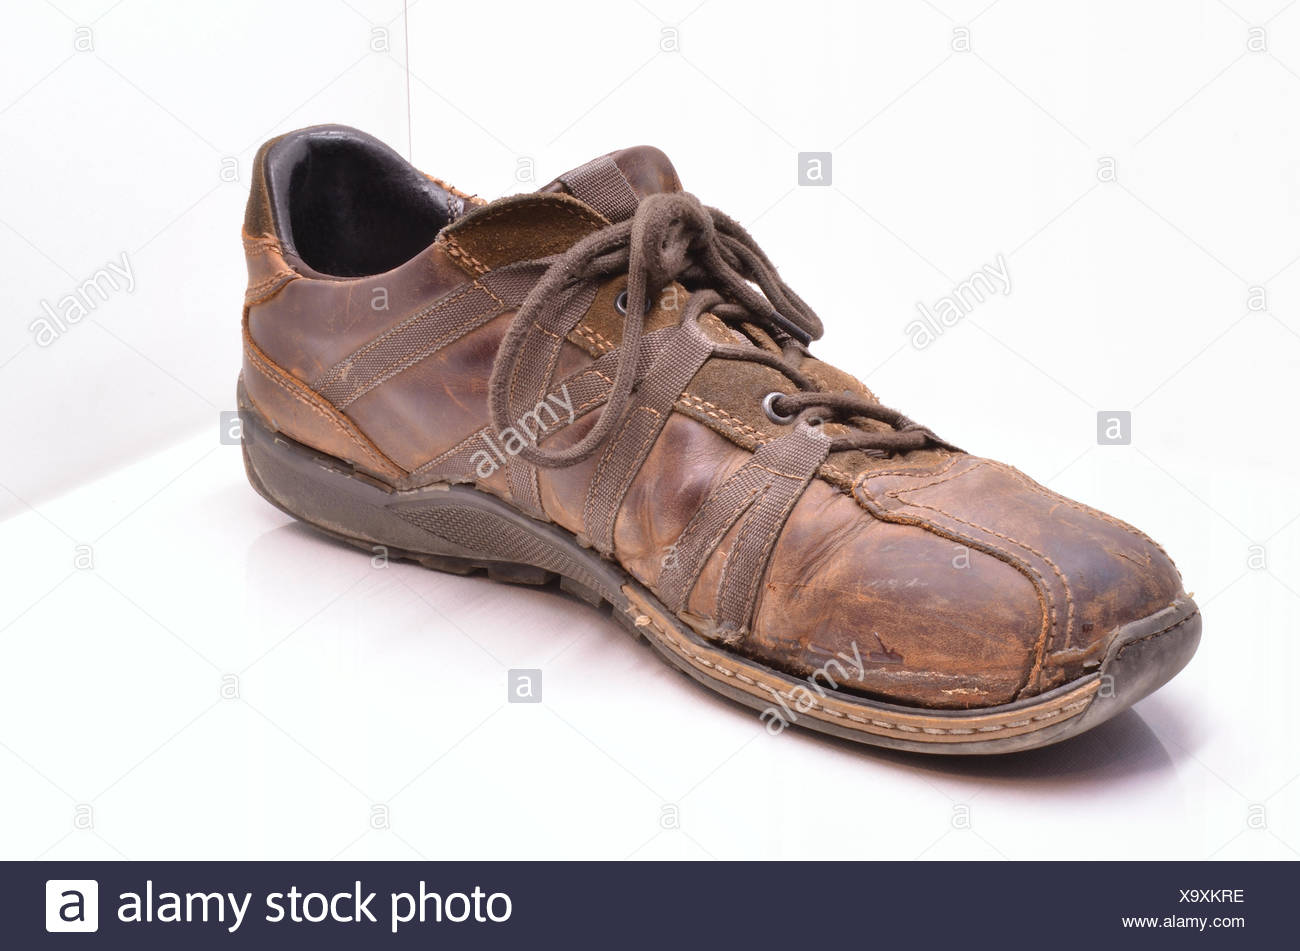 88a8fe55 Zapatos de cuero marrón parduzco morena solo segunda mano marrón parduzco